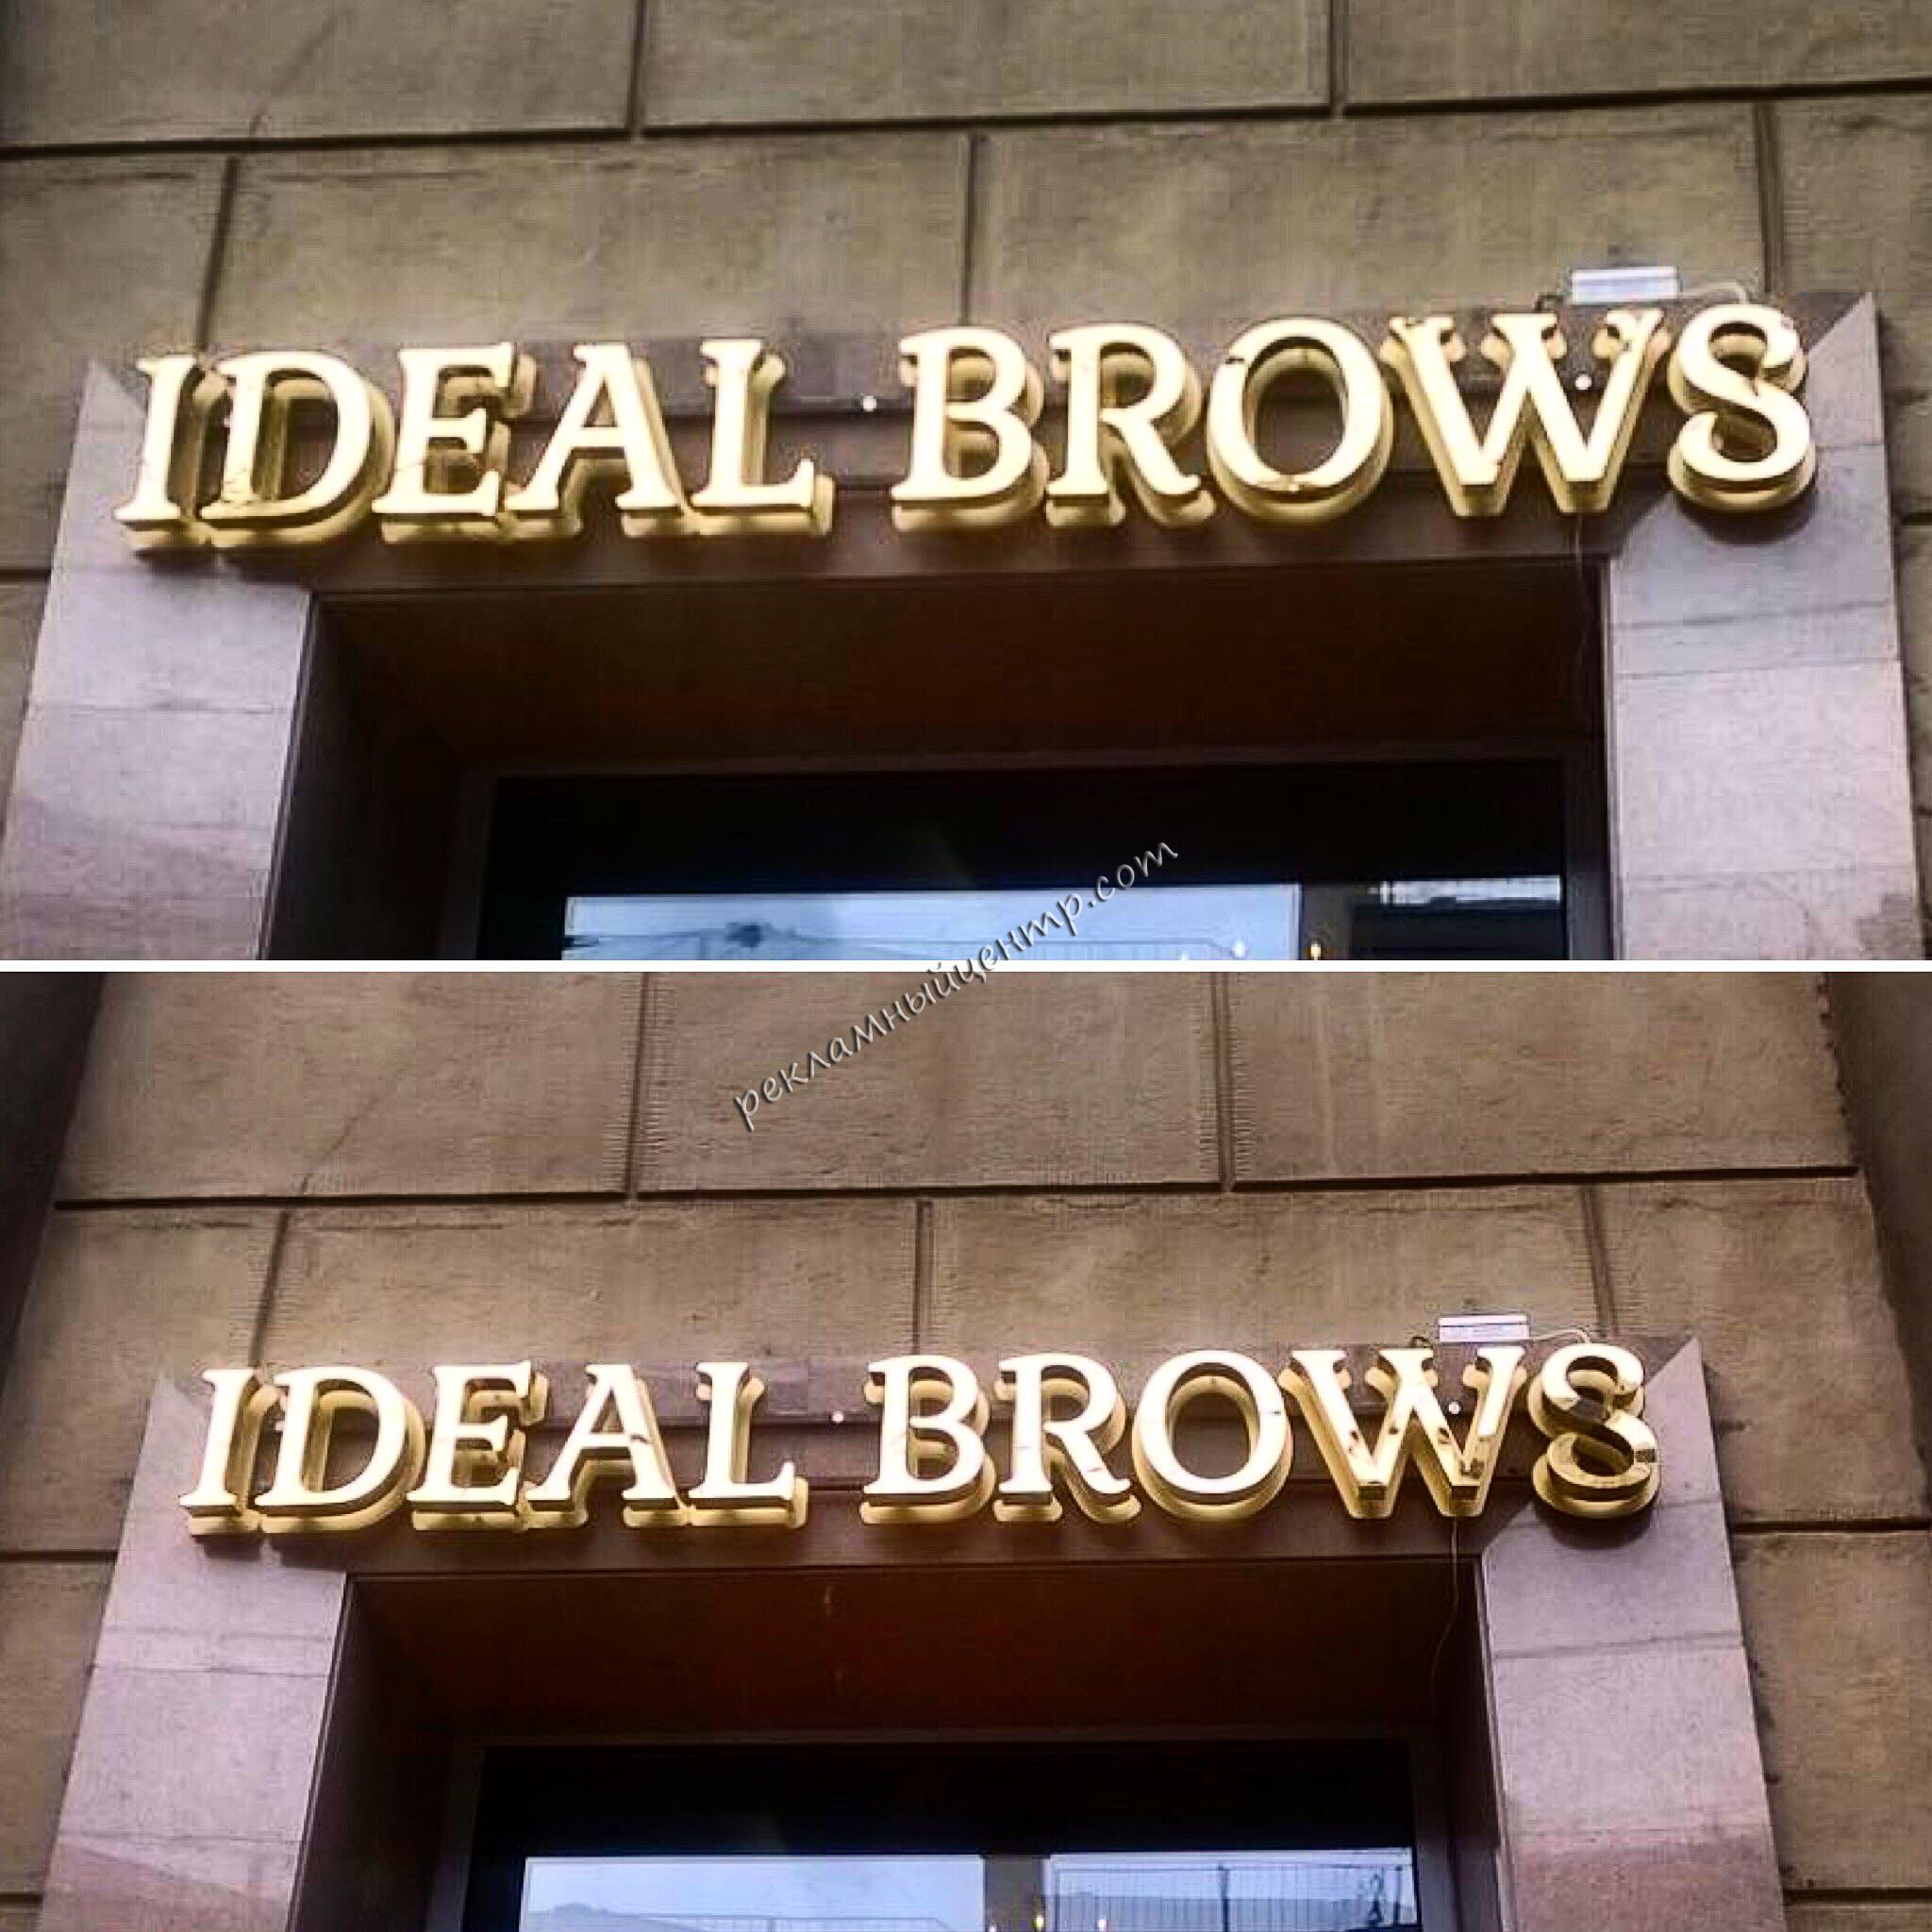 Объемные зеркальные буквы с подсветкой контражур для салона красоты Ideal brows в Москве